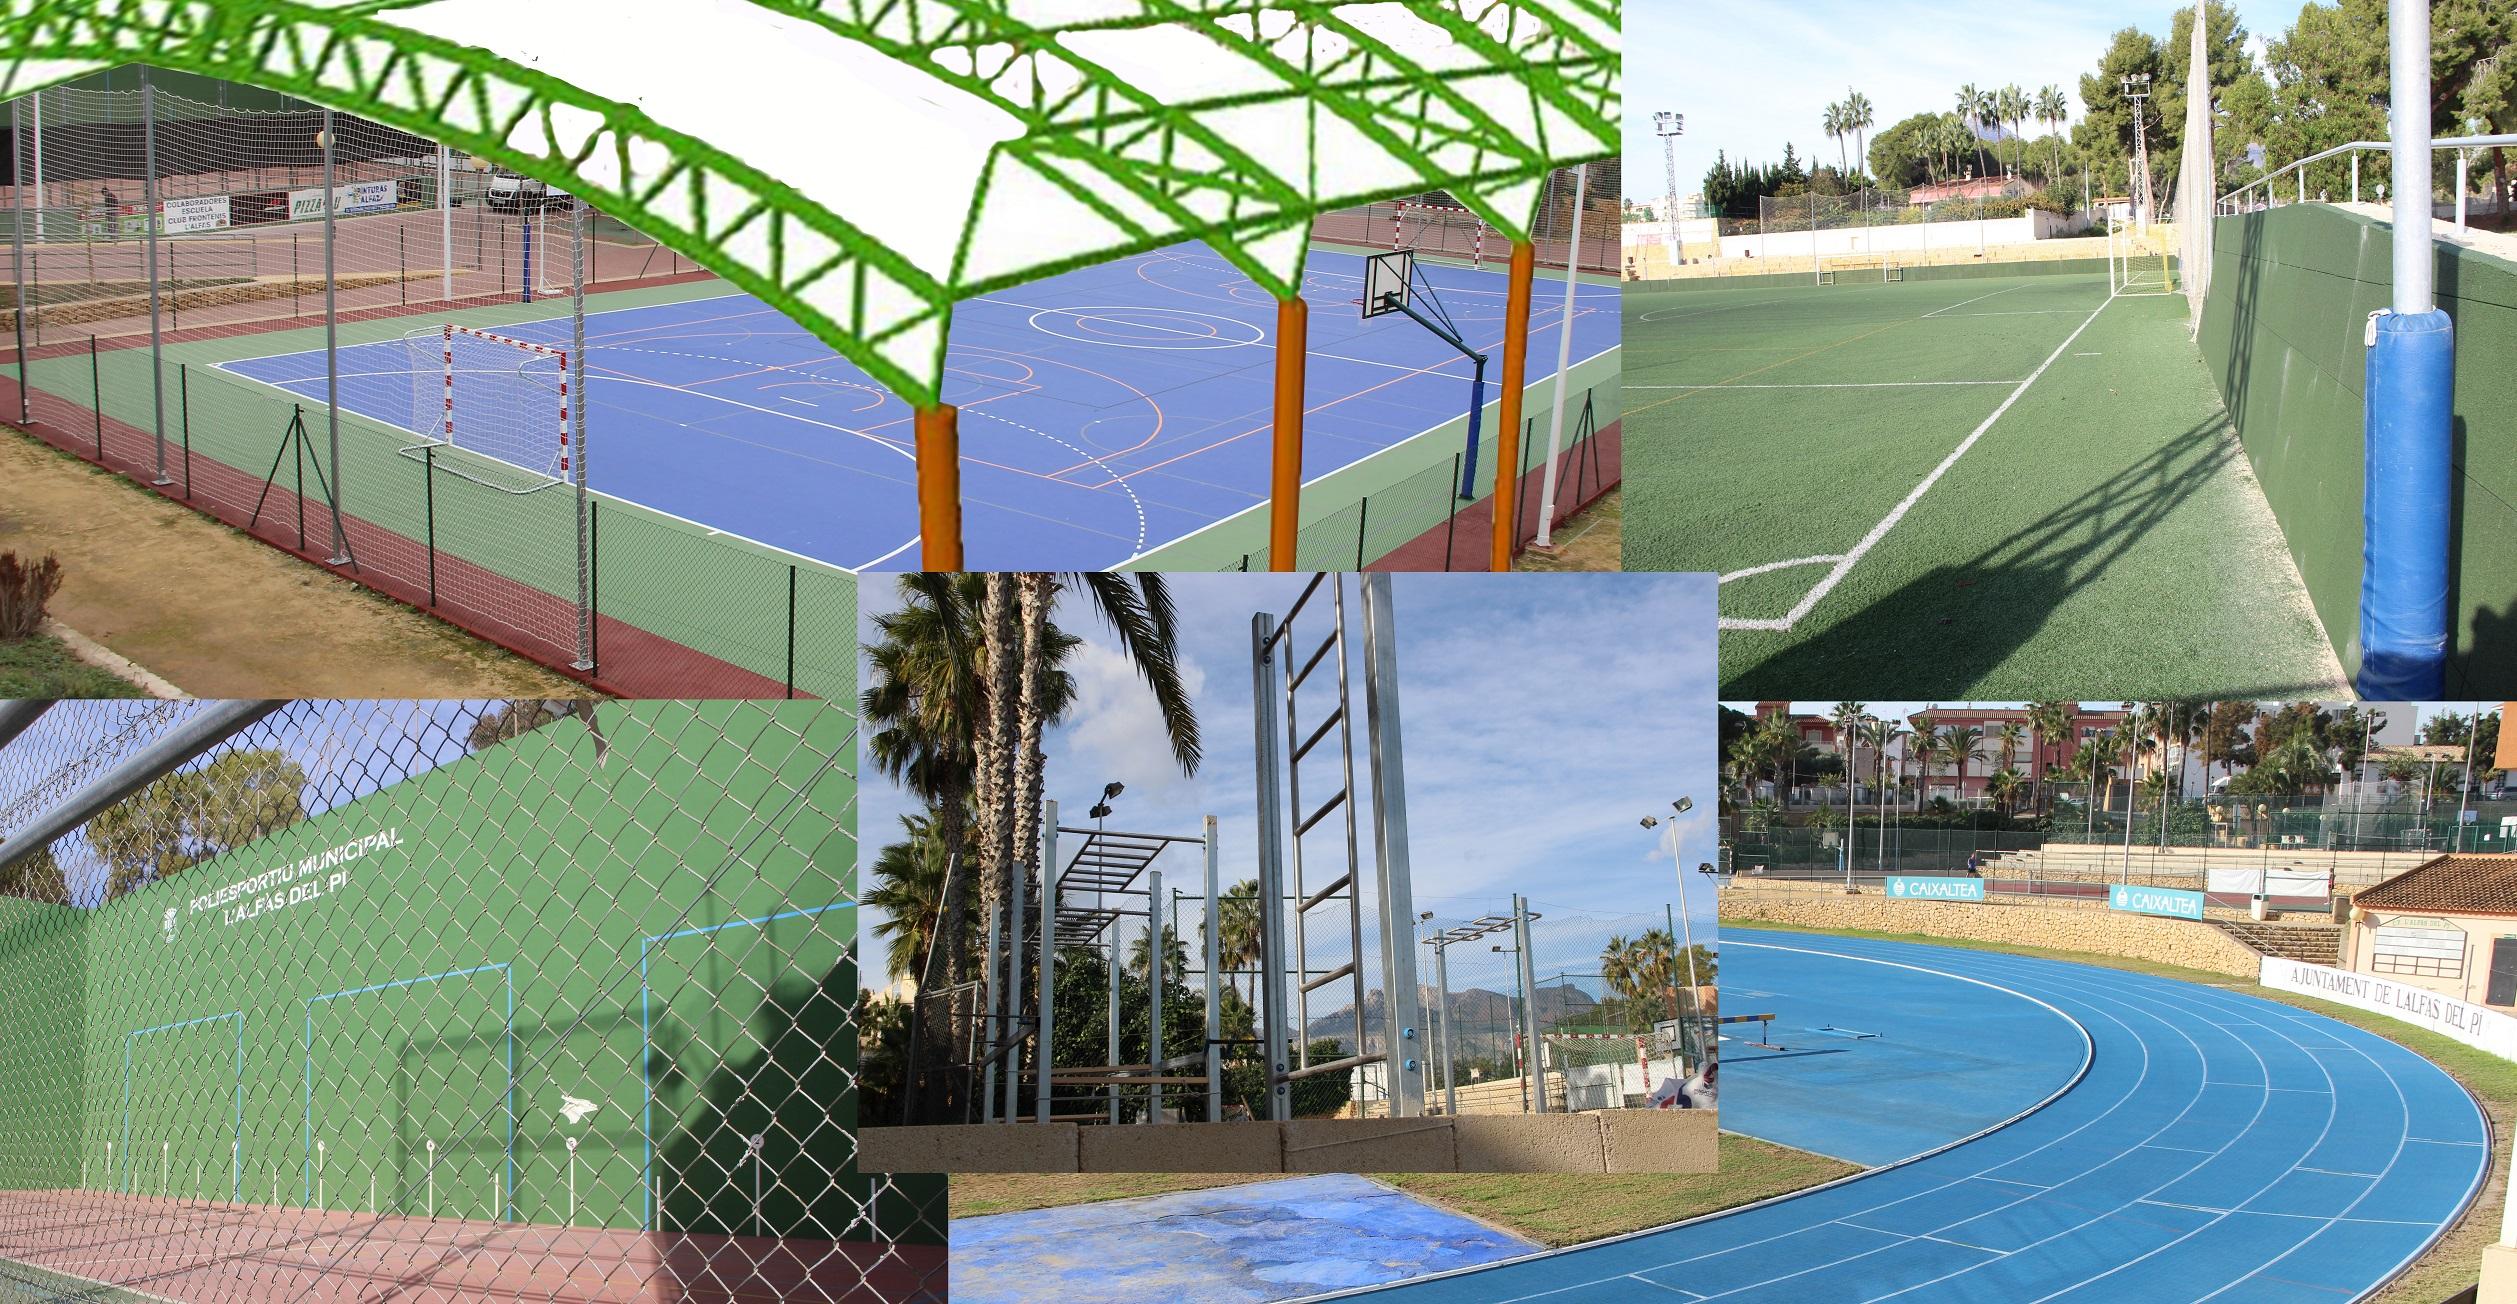 La concejalía de deportes ha invertido 120.000€ en obras de mejora en el polideportivo.